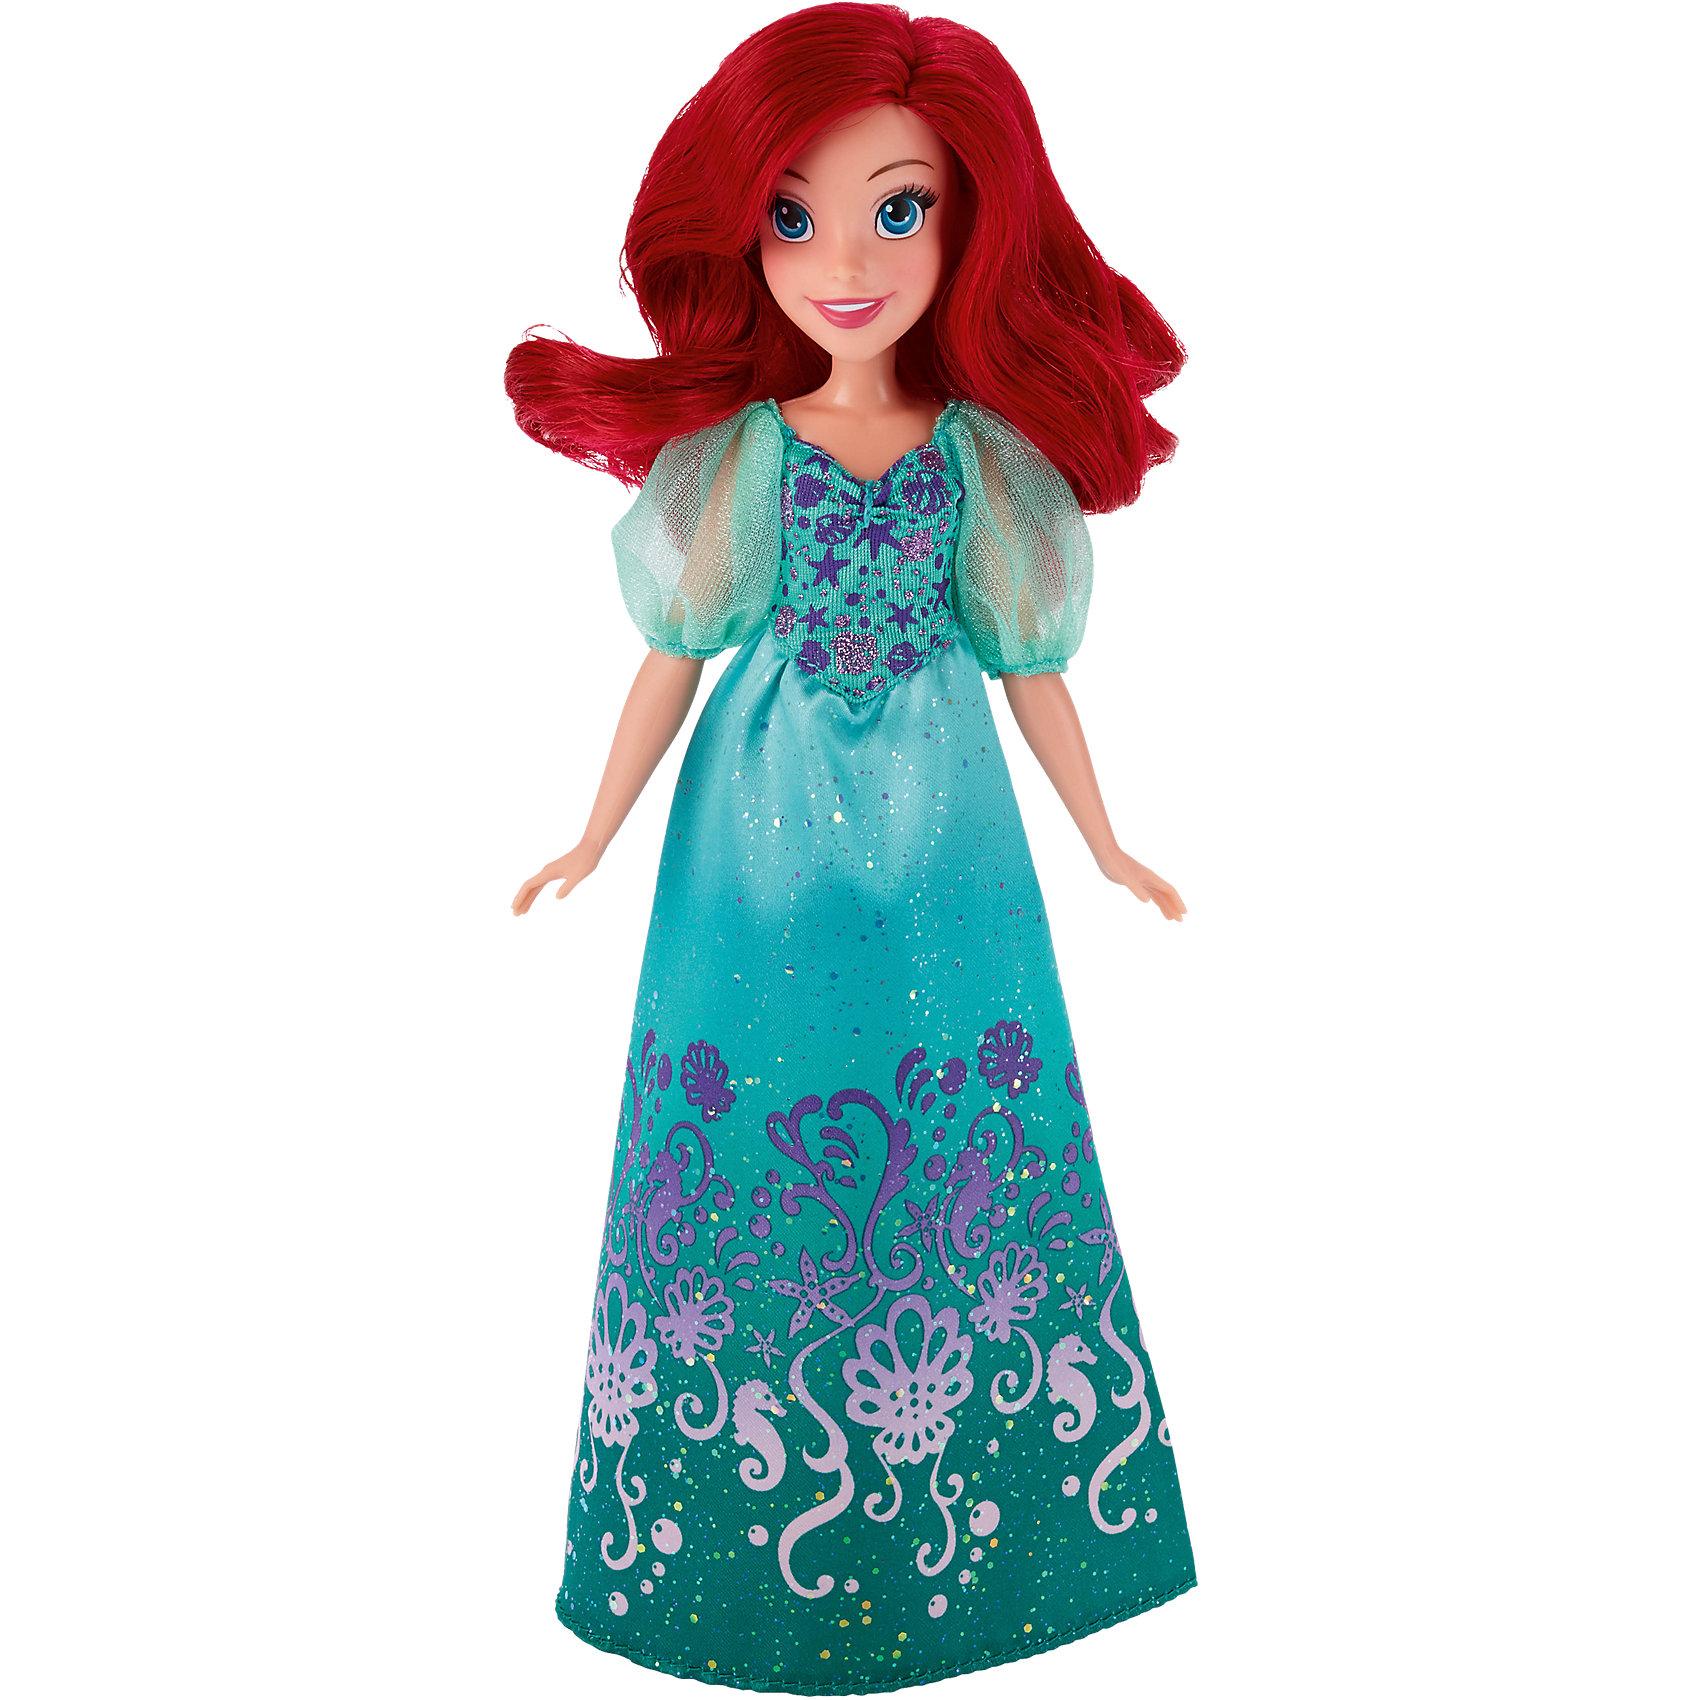 Кукла Ариэль, Принцессы ДиснейПринцессы Дисней<br>Кукла Ариэль, Принцессы Дисней, станет прекрасным подарком для всех маленьких поклонниц диснеевских сказок. Кукла очень похожа на свою героиню из популярного мультфильма Русалочка. У нее длинные ярко-красные волосы, которые можно причесывать и укладывать в различные прически, и красивое веселое личико. На Ариэль надето роскошное платье в зеленых тонах, украшенное блестками и изысканными узорами на морскую тематику. Наряд дополняют полупрозрачные зеленые туфельки в тон платья. У куклы подвижные руки, ноги и голова, что позволяет придавать ей реалистичные позы. Очаровательная кукла прекрасно дополнит коллекцию диснеевских принцесс.<br><br>Дополнительная информация:<br><br>- Материал: пластик, текстиль.<br>- Высота куклы: 28 см.<br>- Размер упаковки: 15 x 5 x 36 см.<br>- Вес: 0,31 кг.<br><br>Куклу Ариэль, Принцессы Дисней, можно купить в нашем интернет-магазине.<br><br>Ширина мм: 324<br>Глубина мм: 149<br>Высота мм: 53<br>Вес г: 170<br>Возраст от месяцев: 36<br>Возраст до месяцев: 72<br>Пол: Женский<br>Возраст: Детский<br>SKU: 4443703